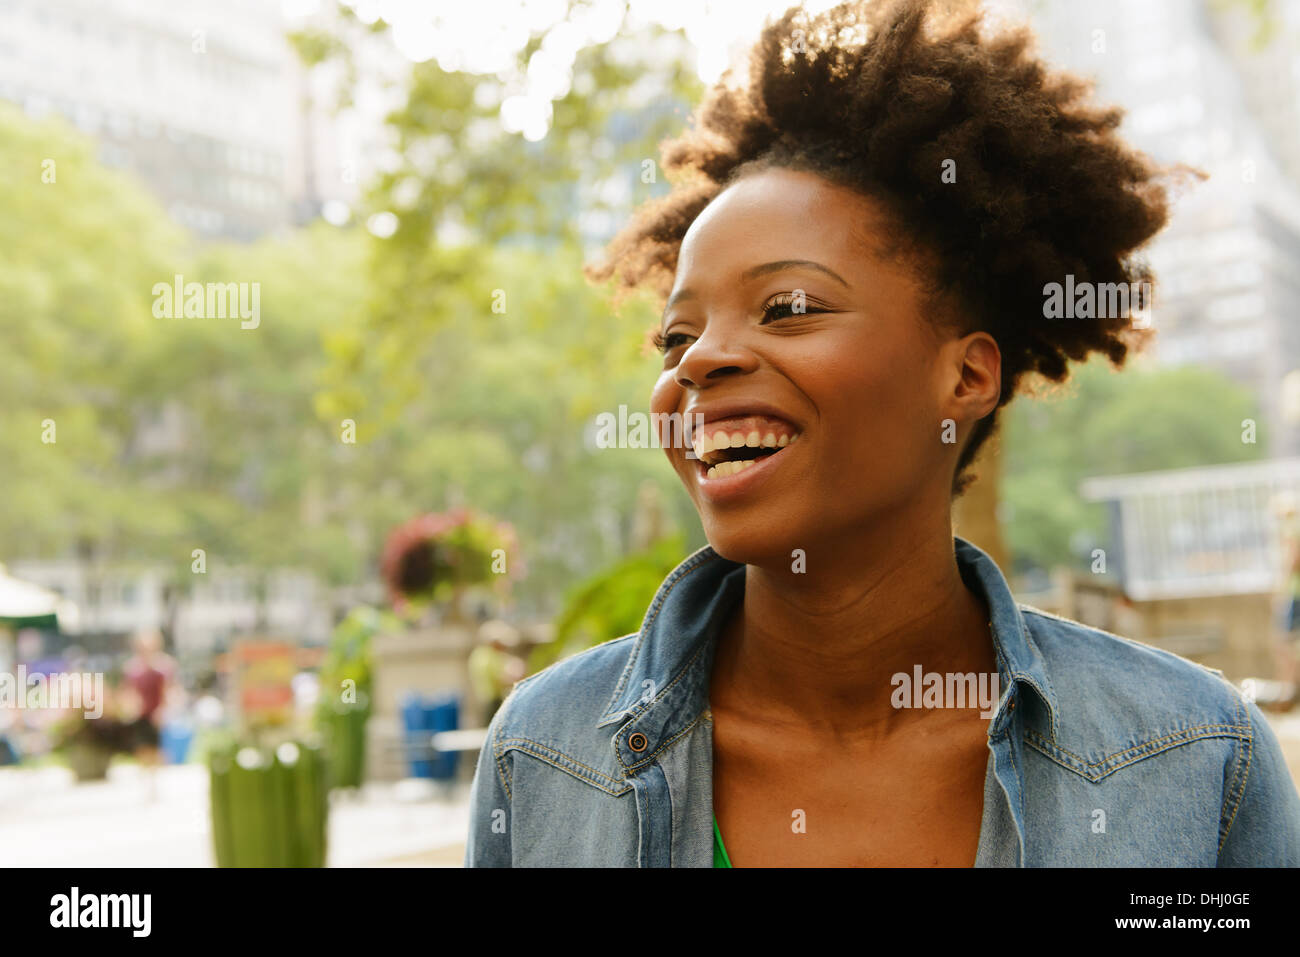 Cerca de la mujer con gran gran sonrisa Imagen De Stock